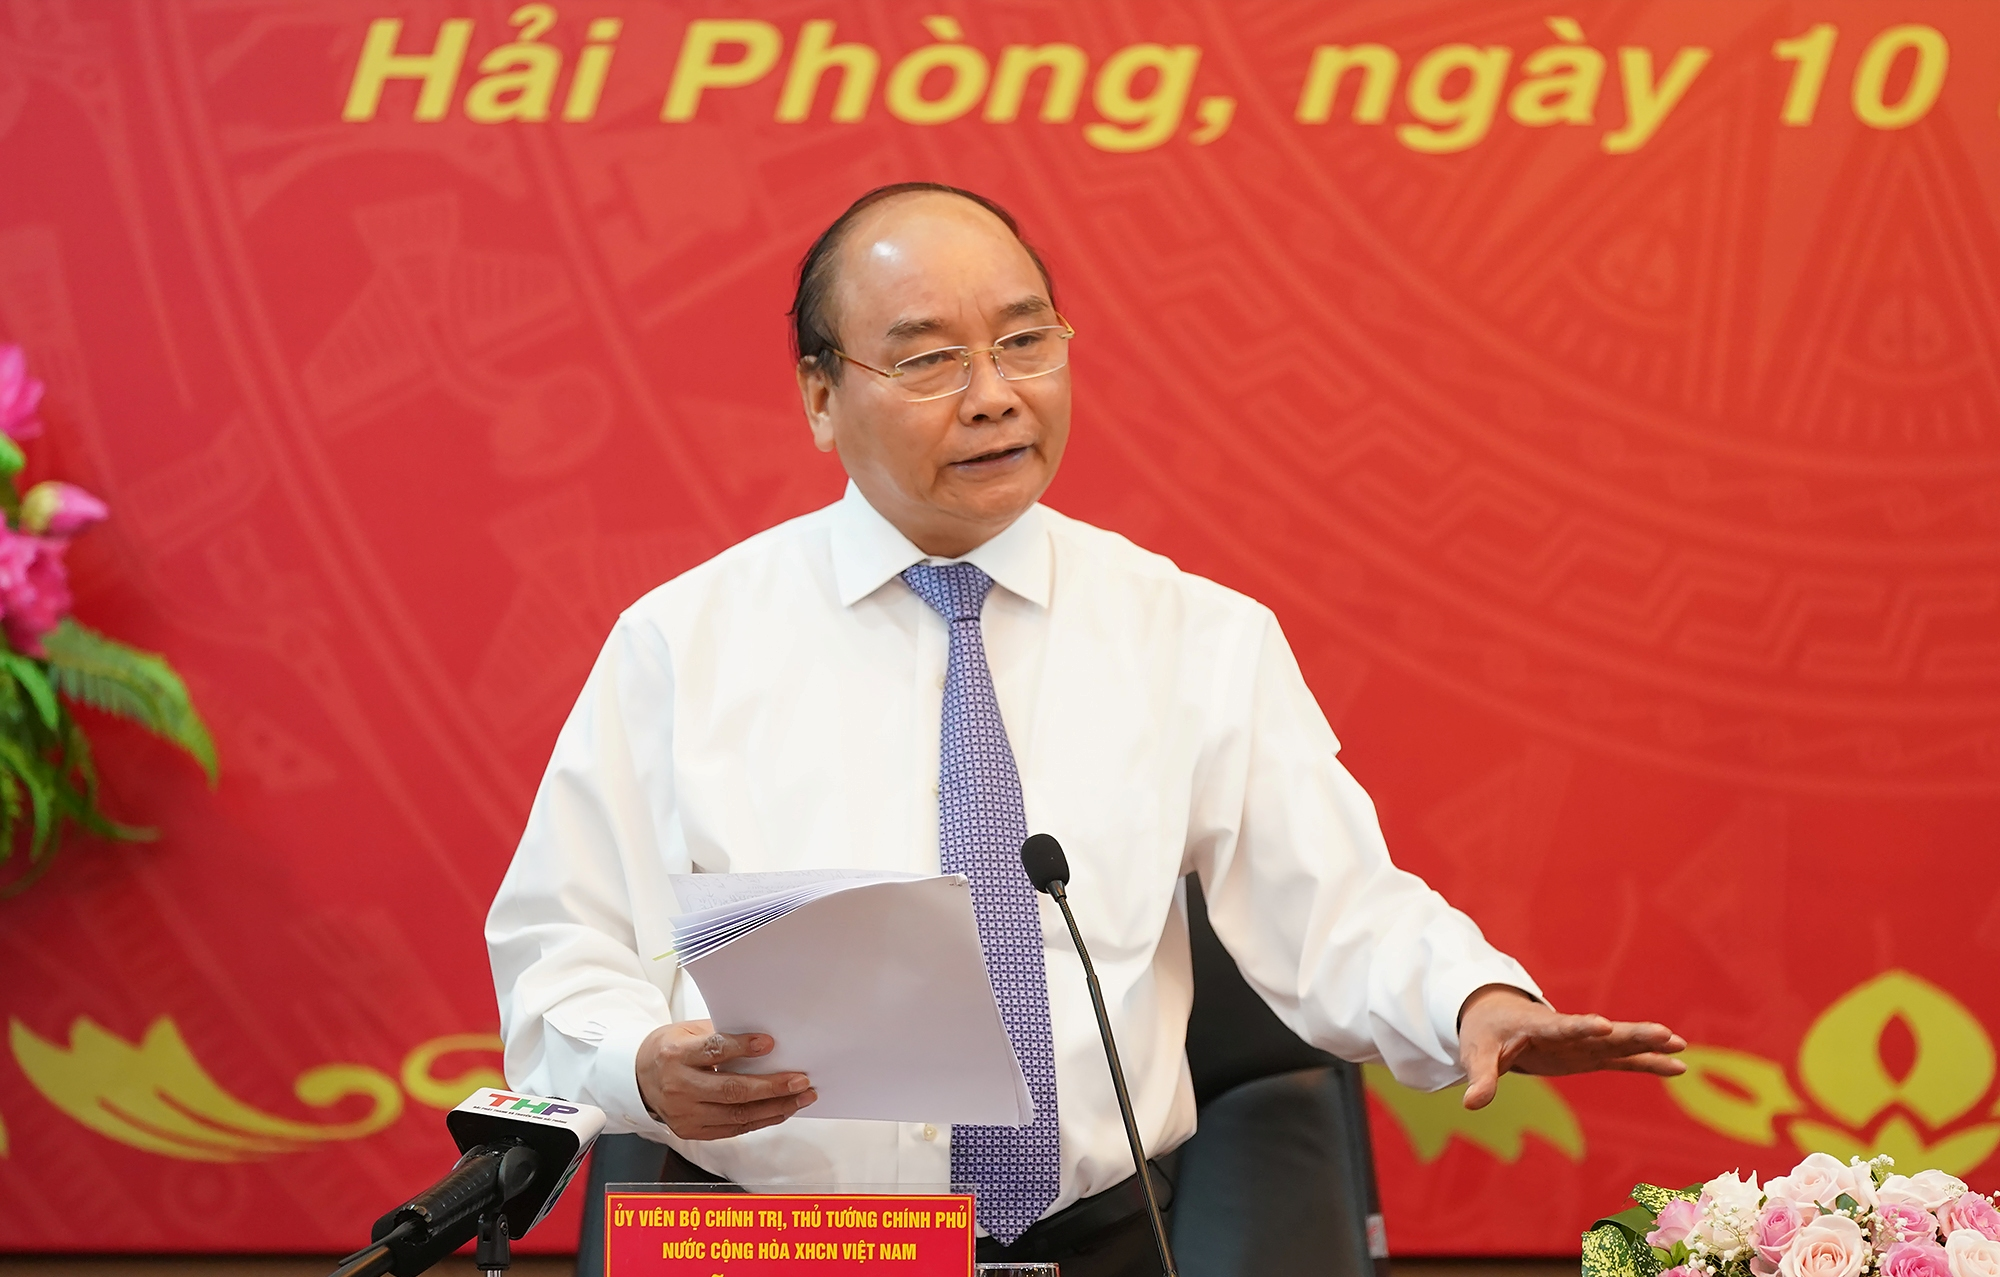 Hải Phòng phải là một trong những thành phố đi đầu về kinh tế số ở Việt Nam